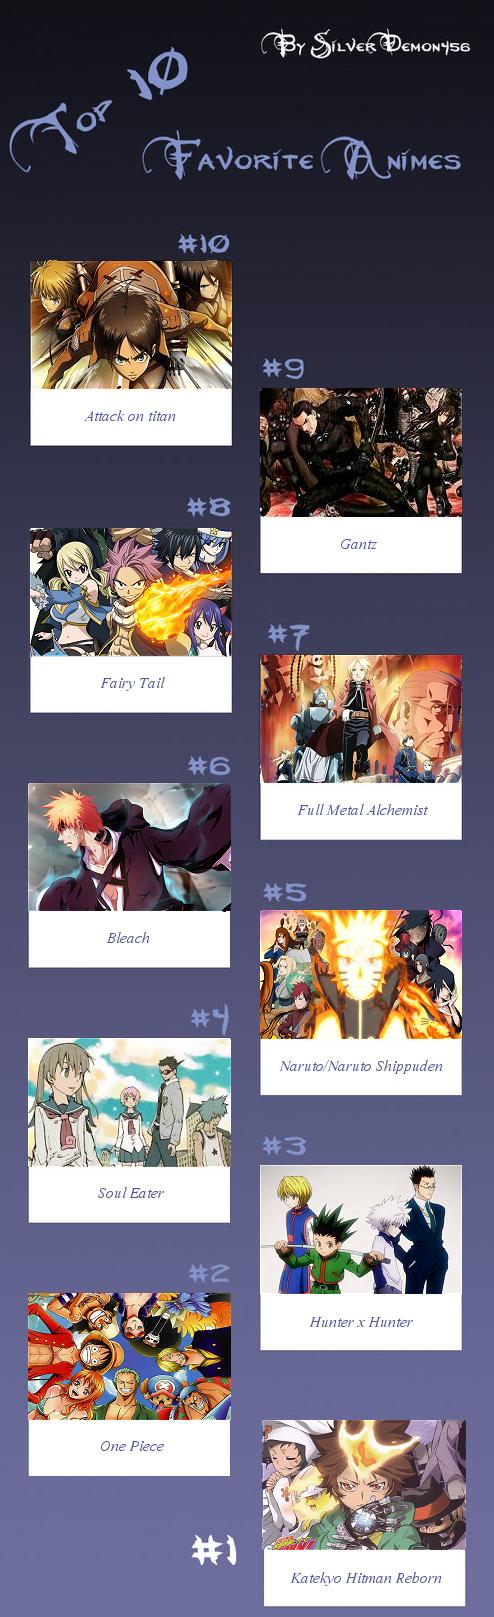 Top Ten Favorite Anime MEME by Kang1223